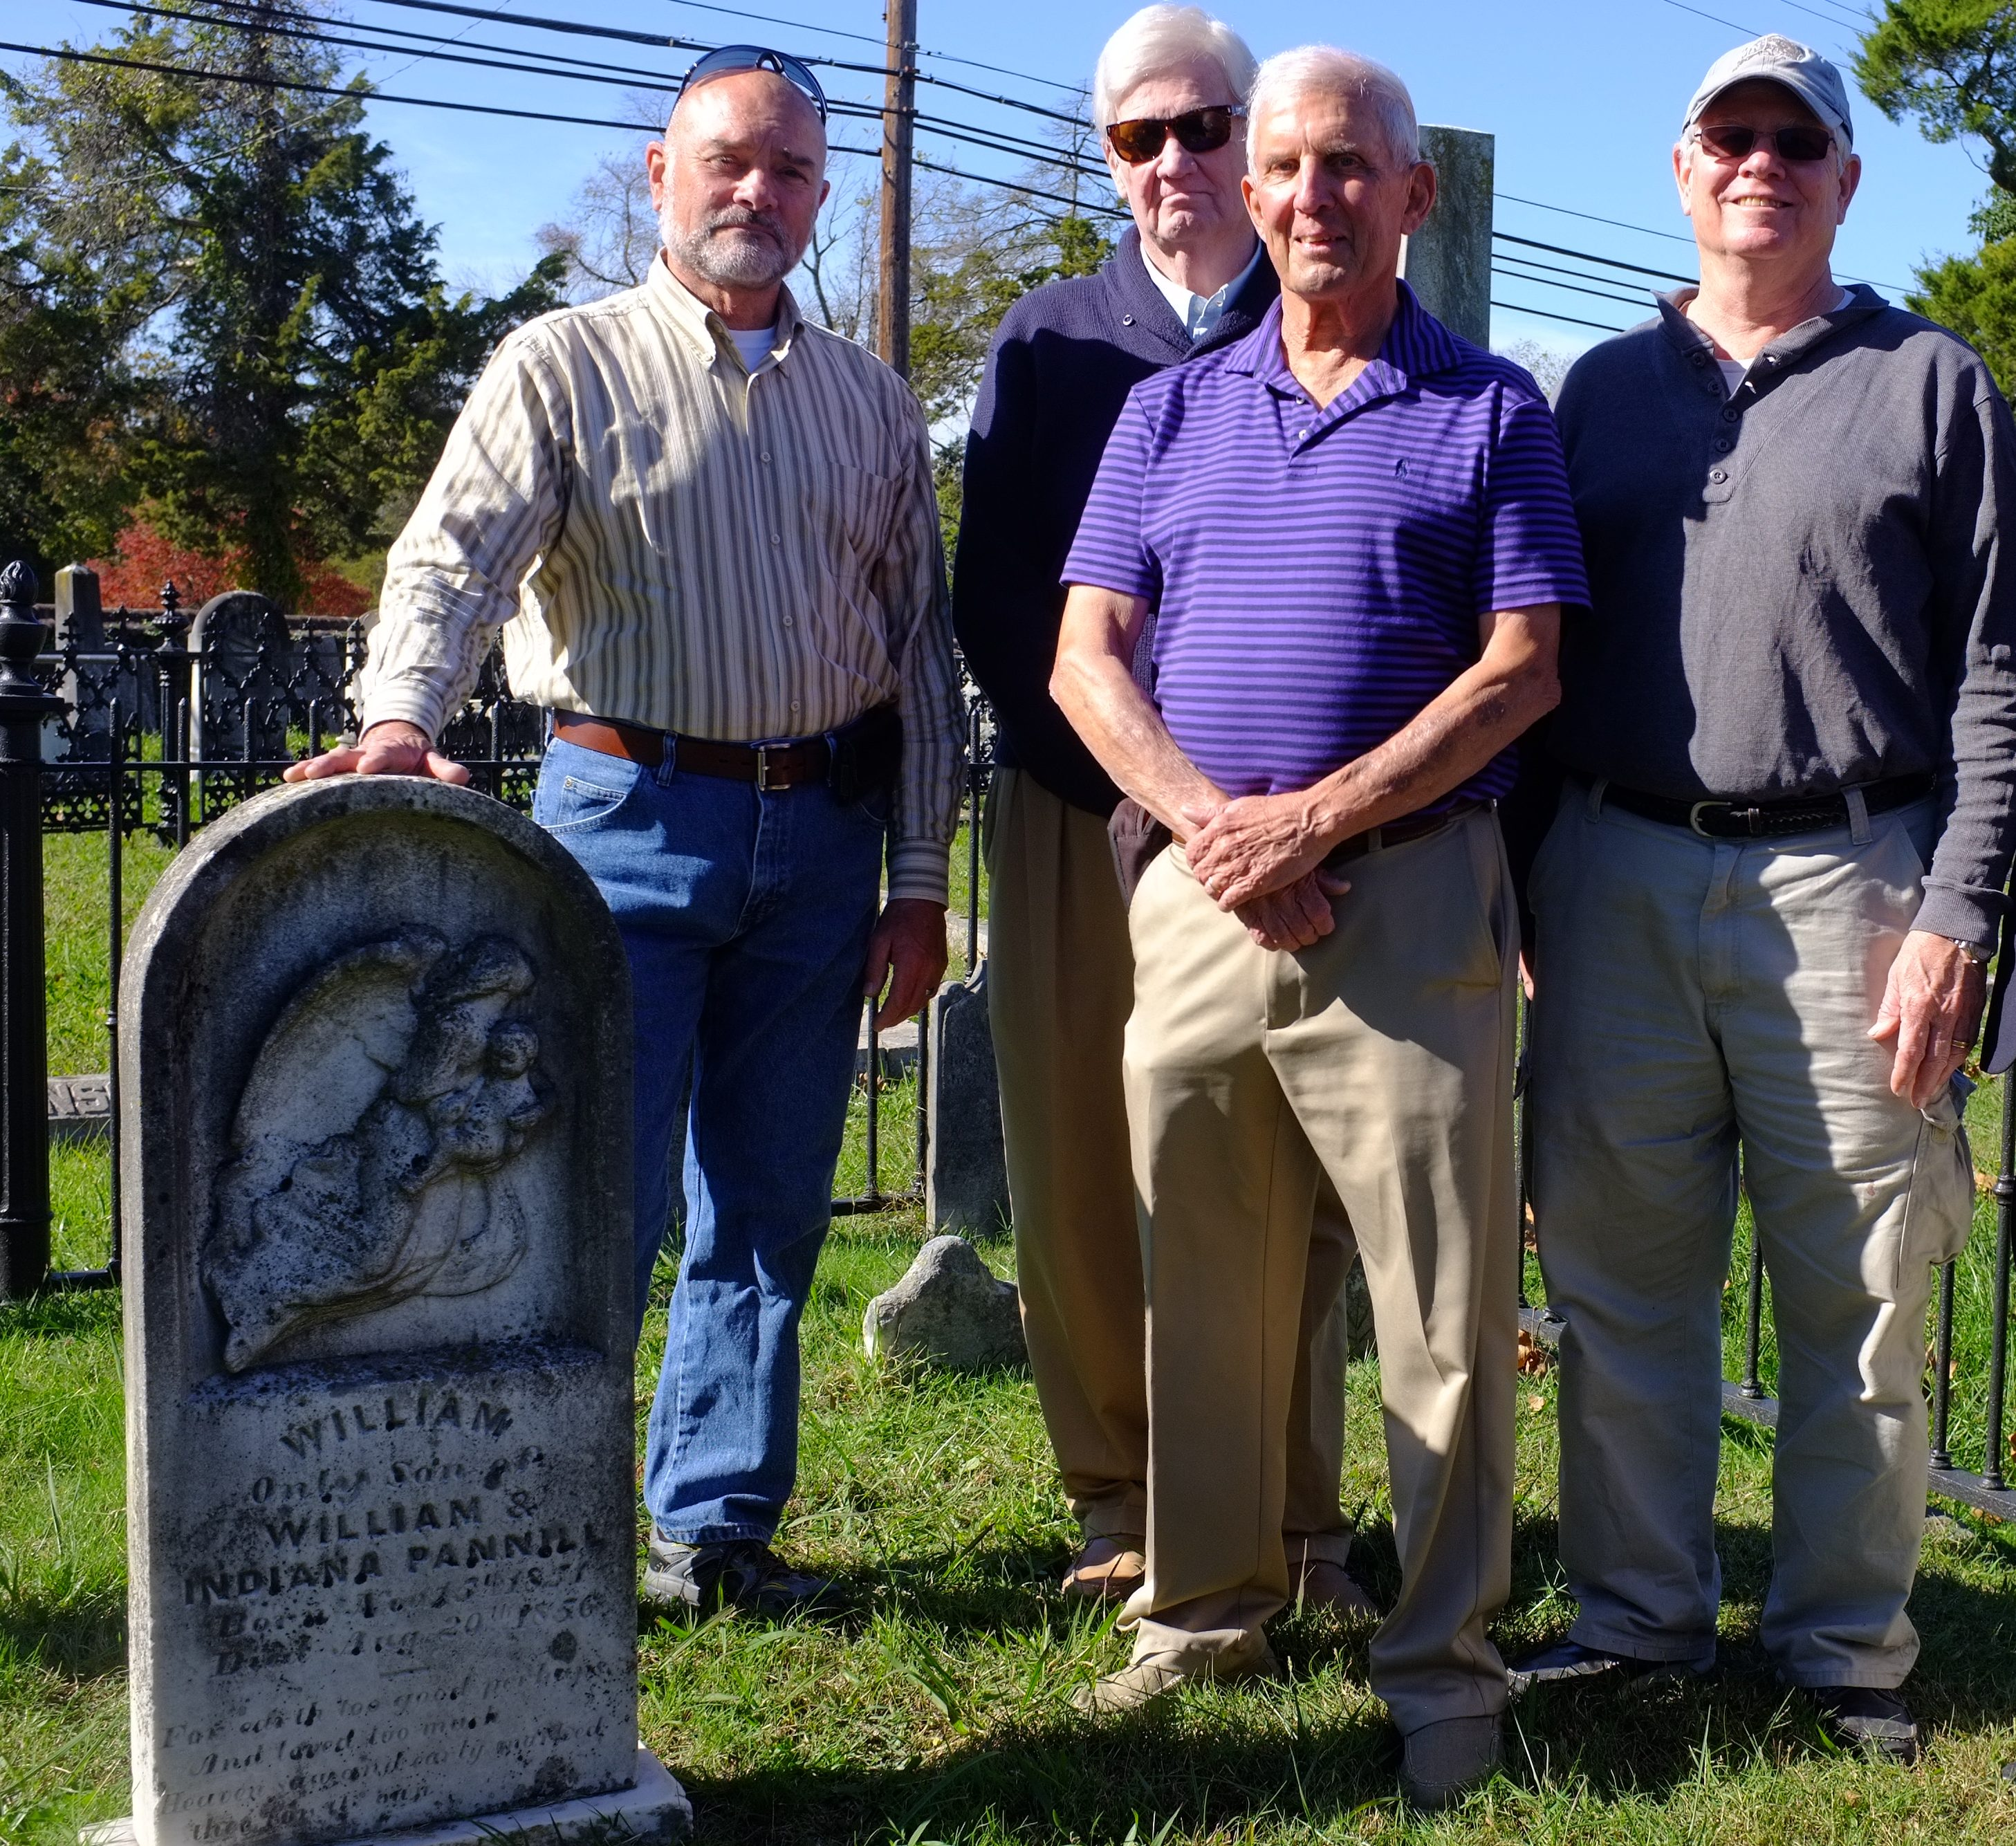 Restoration volunteers at Blandford Cemetery